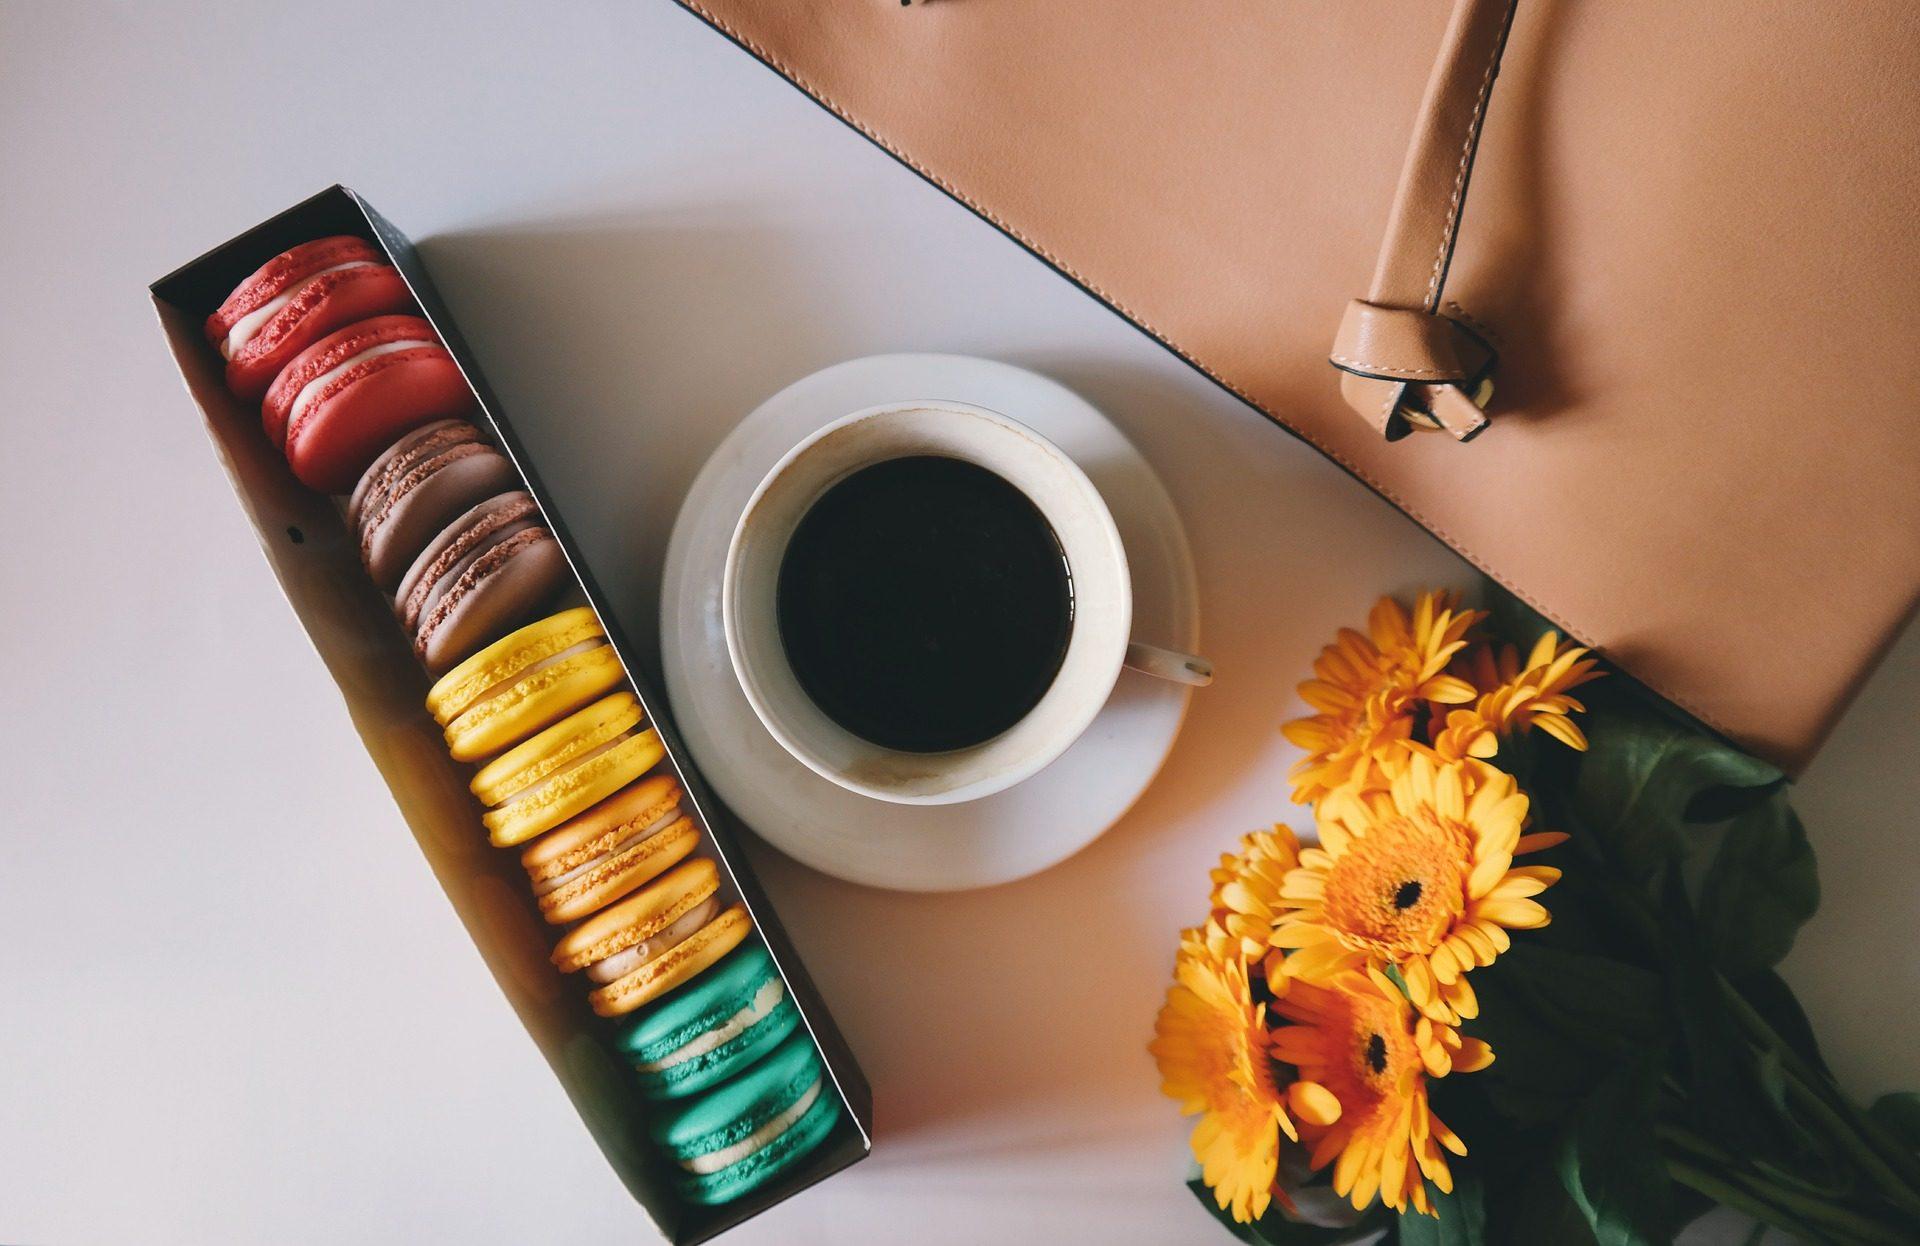 caffè, Maccheroni, fiori, Coppa, Tasca, colorato - Sfondi HD - Professor-falken.com